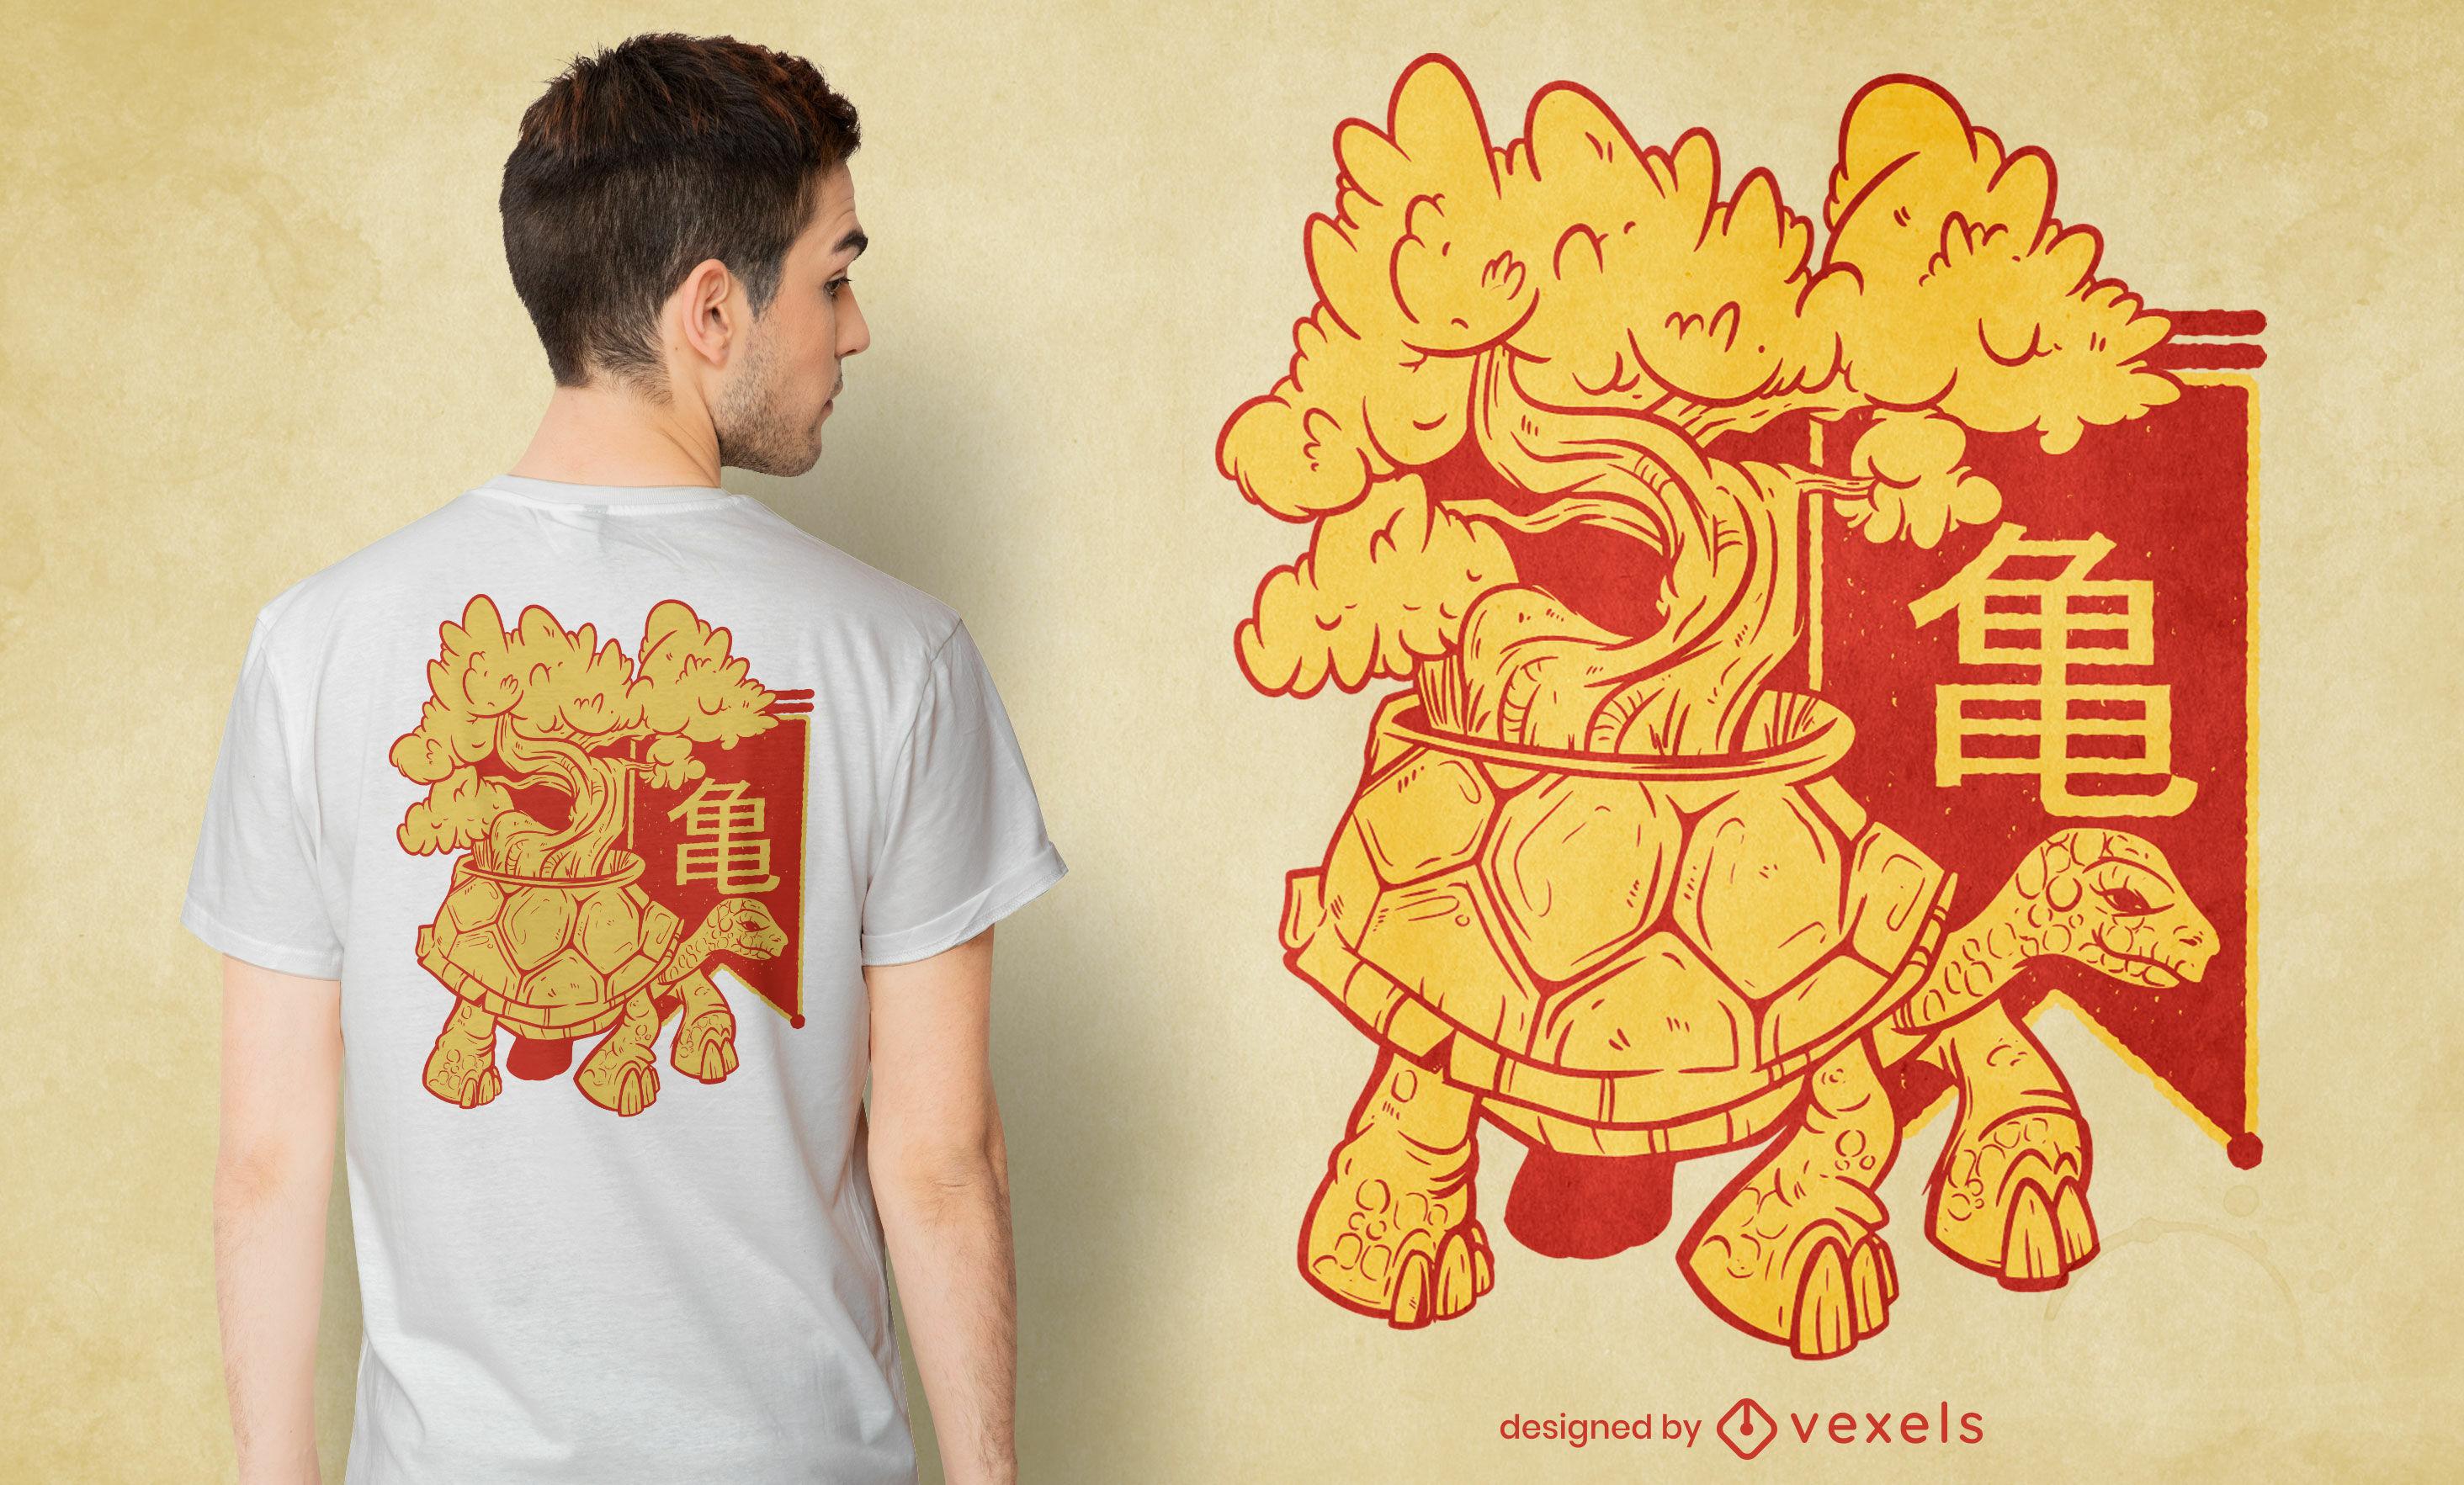 Schildkröten-Bonsai-T-Shirt-Design